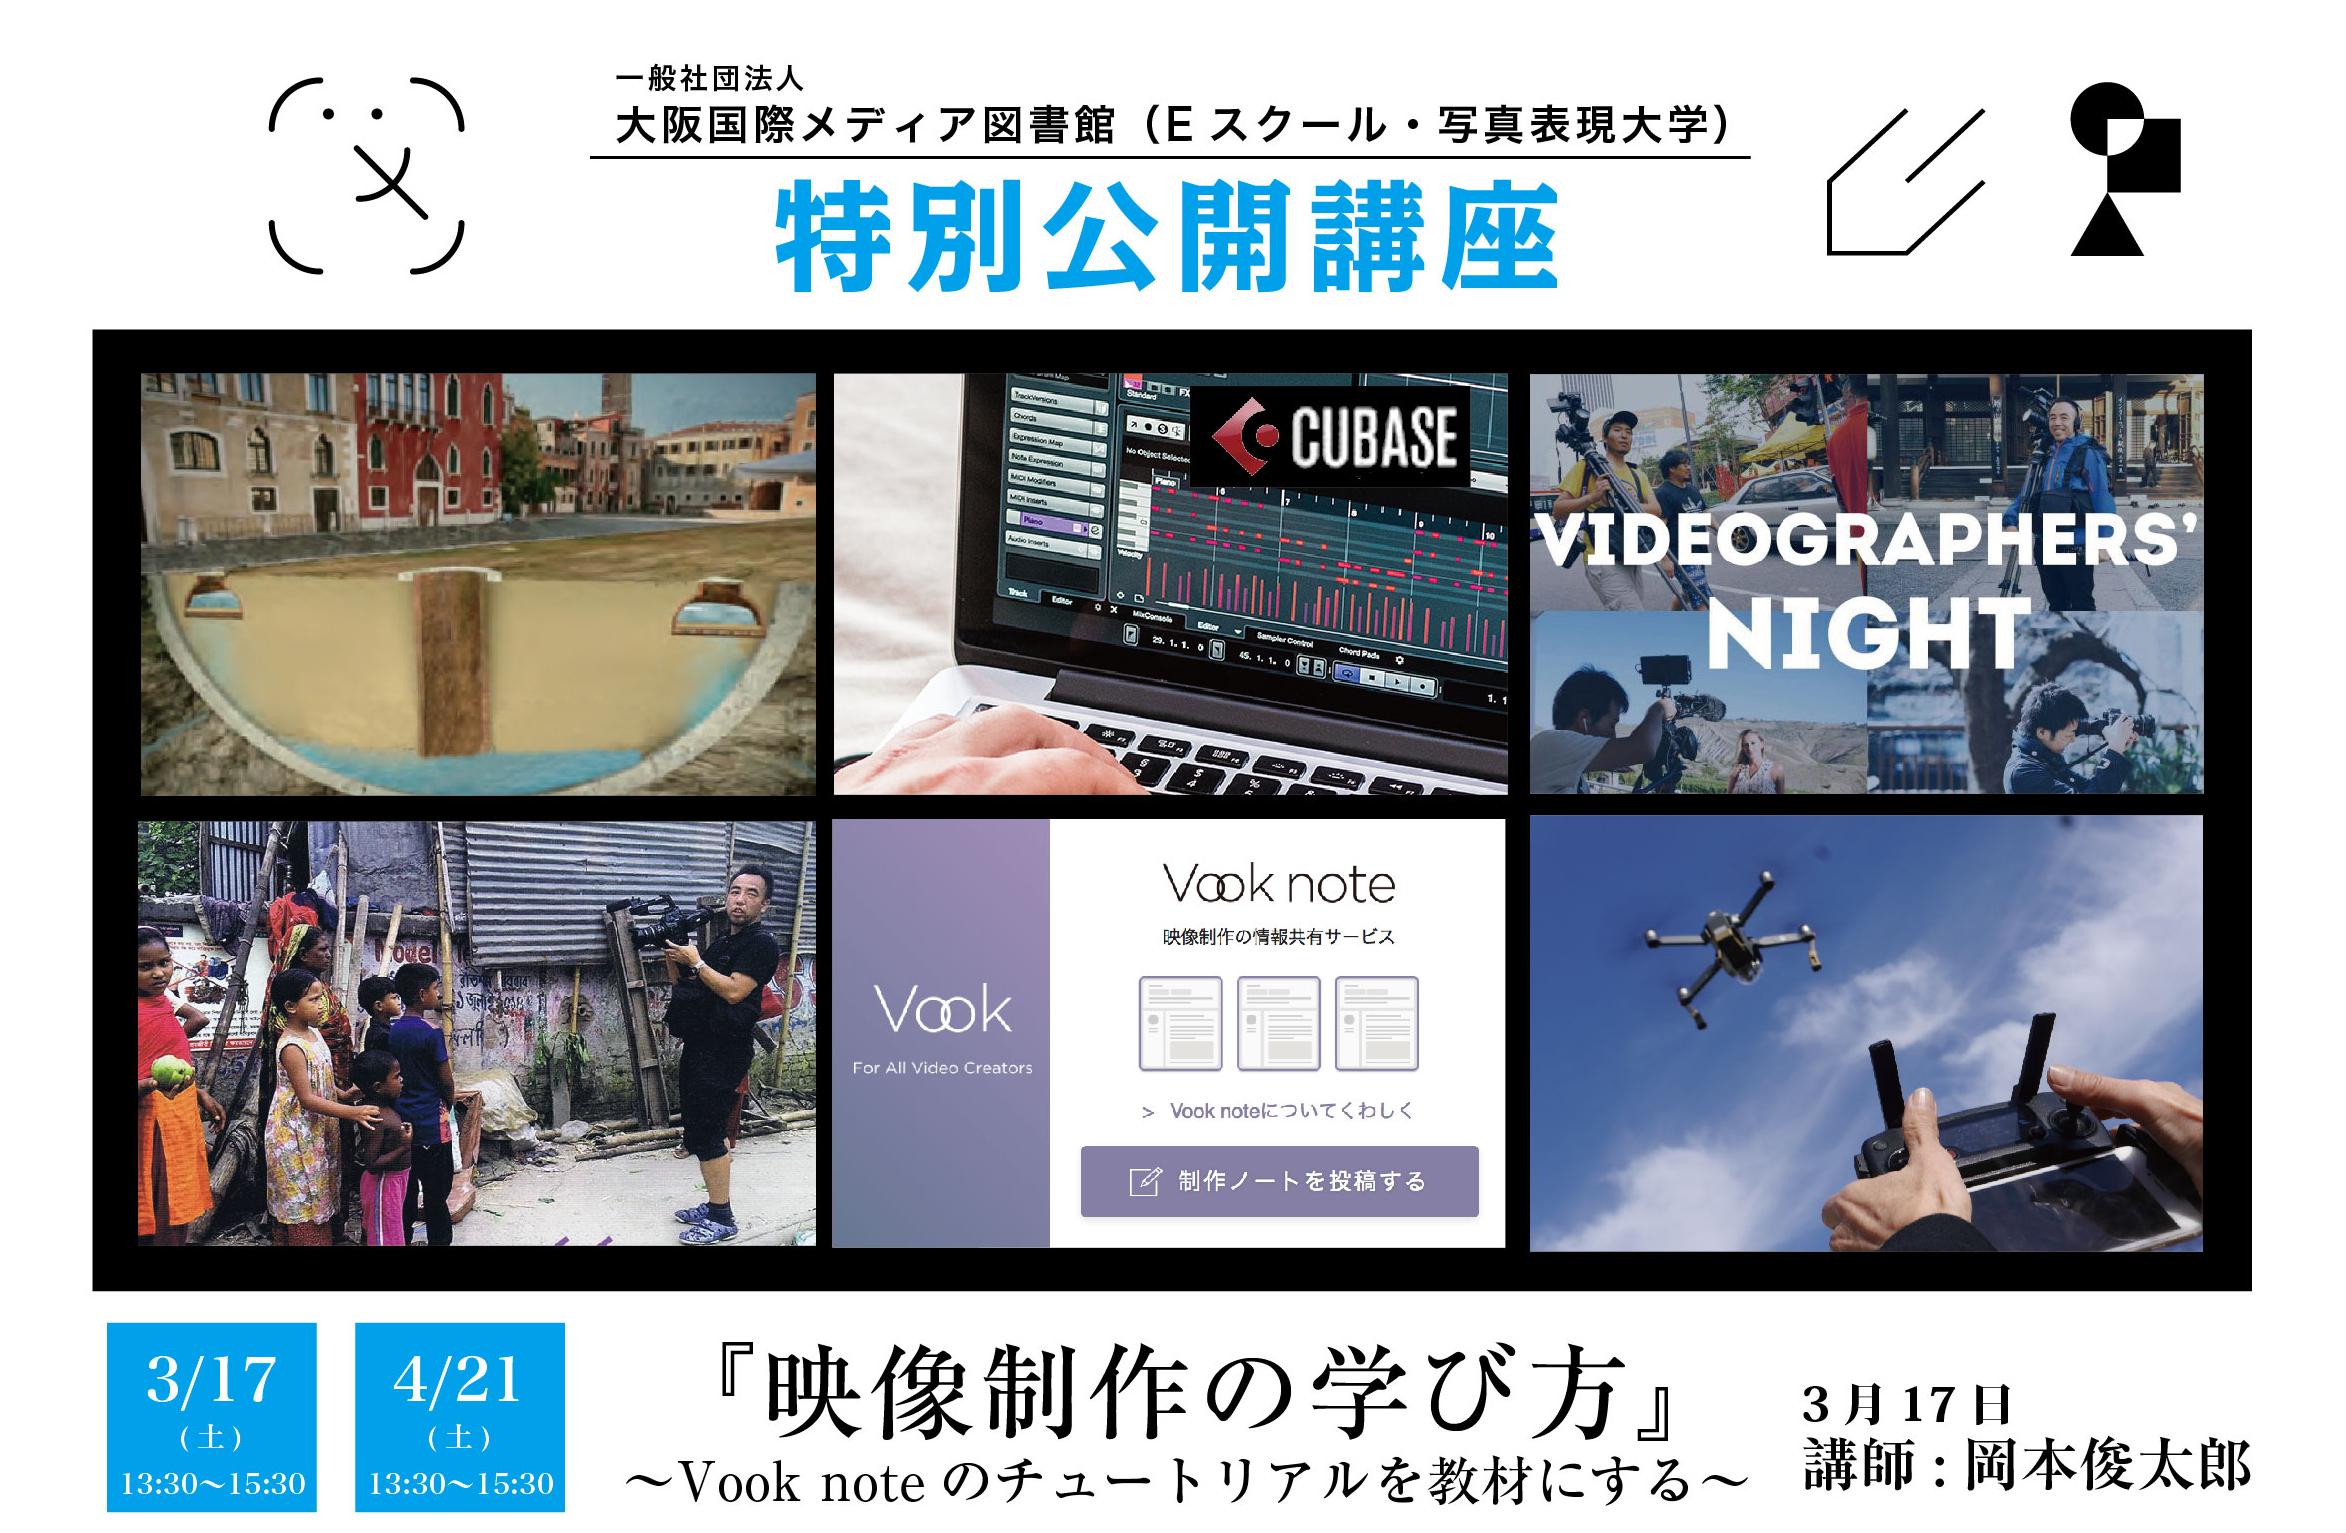 映像,映像制作,映像編集,映像作家,ビデオグラファー,ドキュメンタリー,Vook,動画,動画制作,動画編集